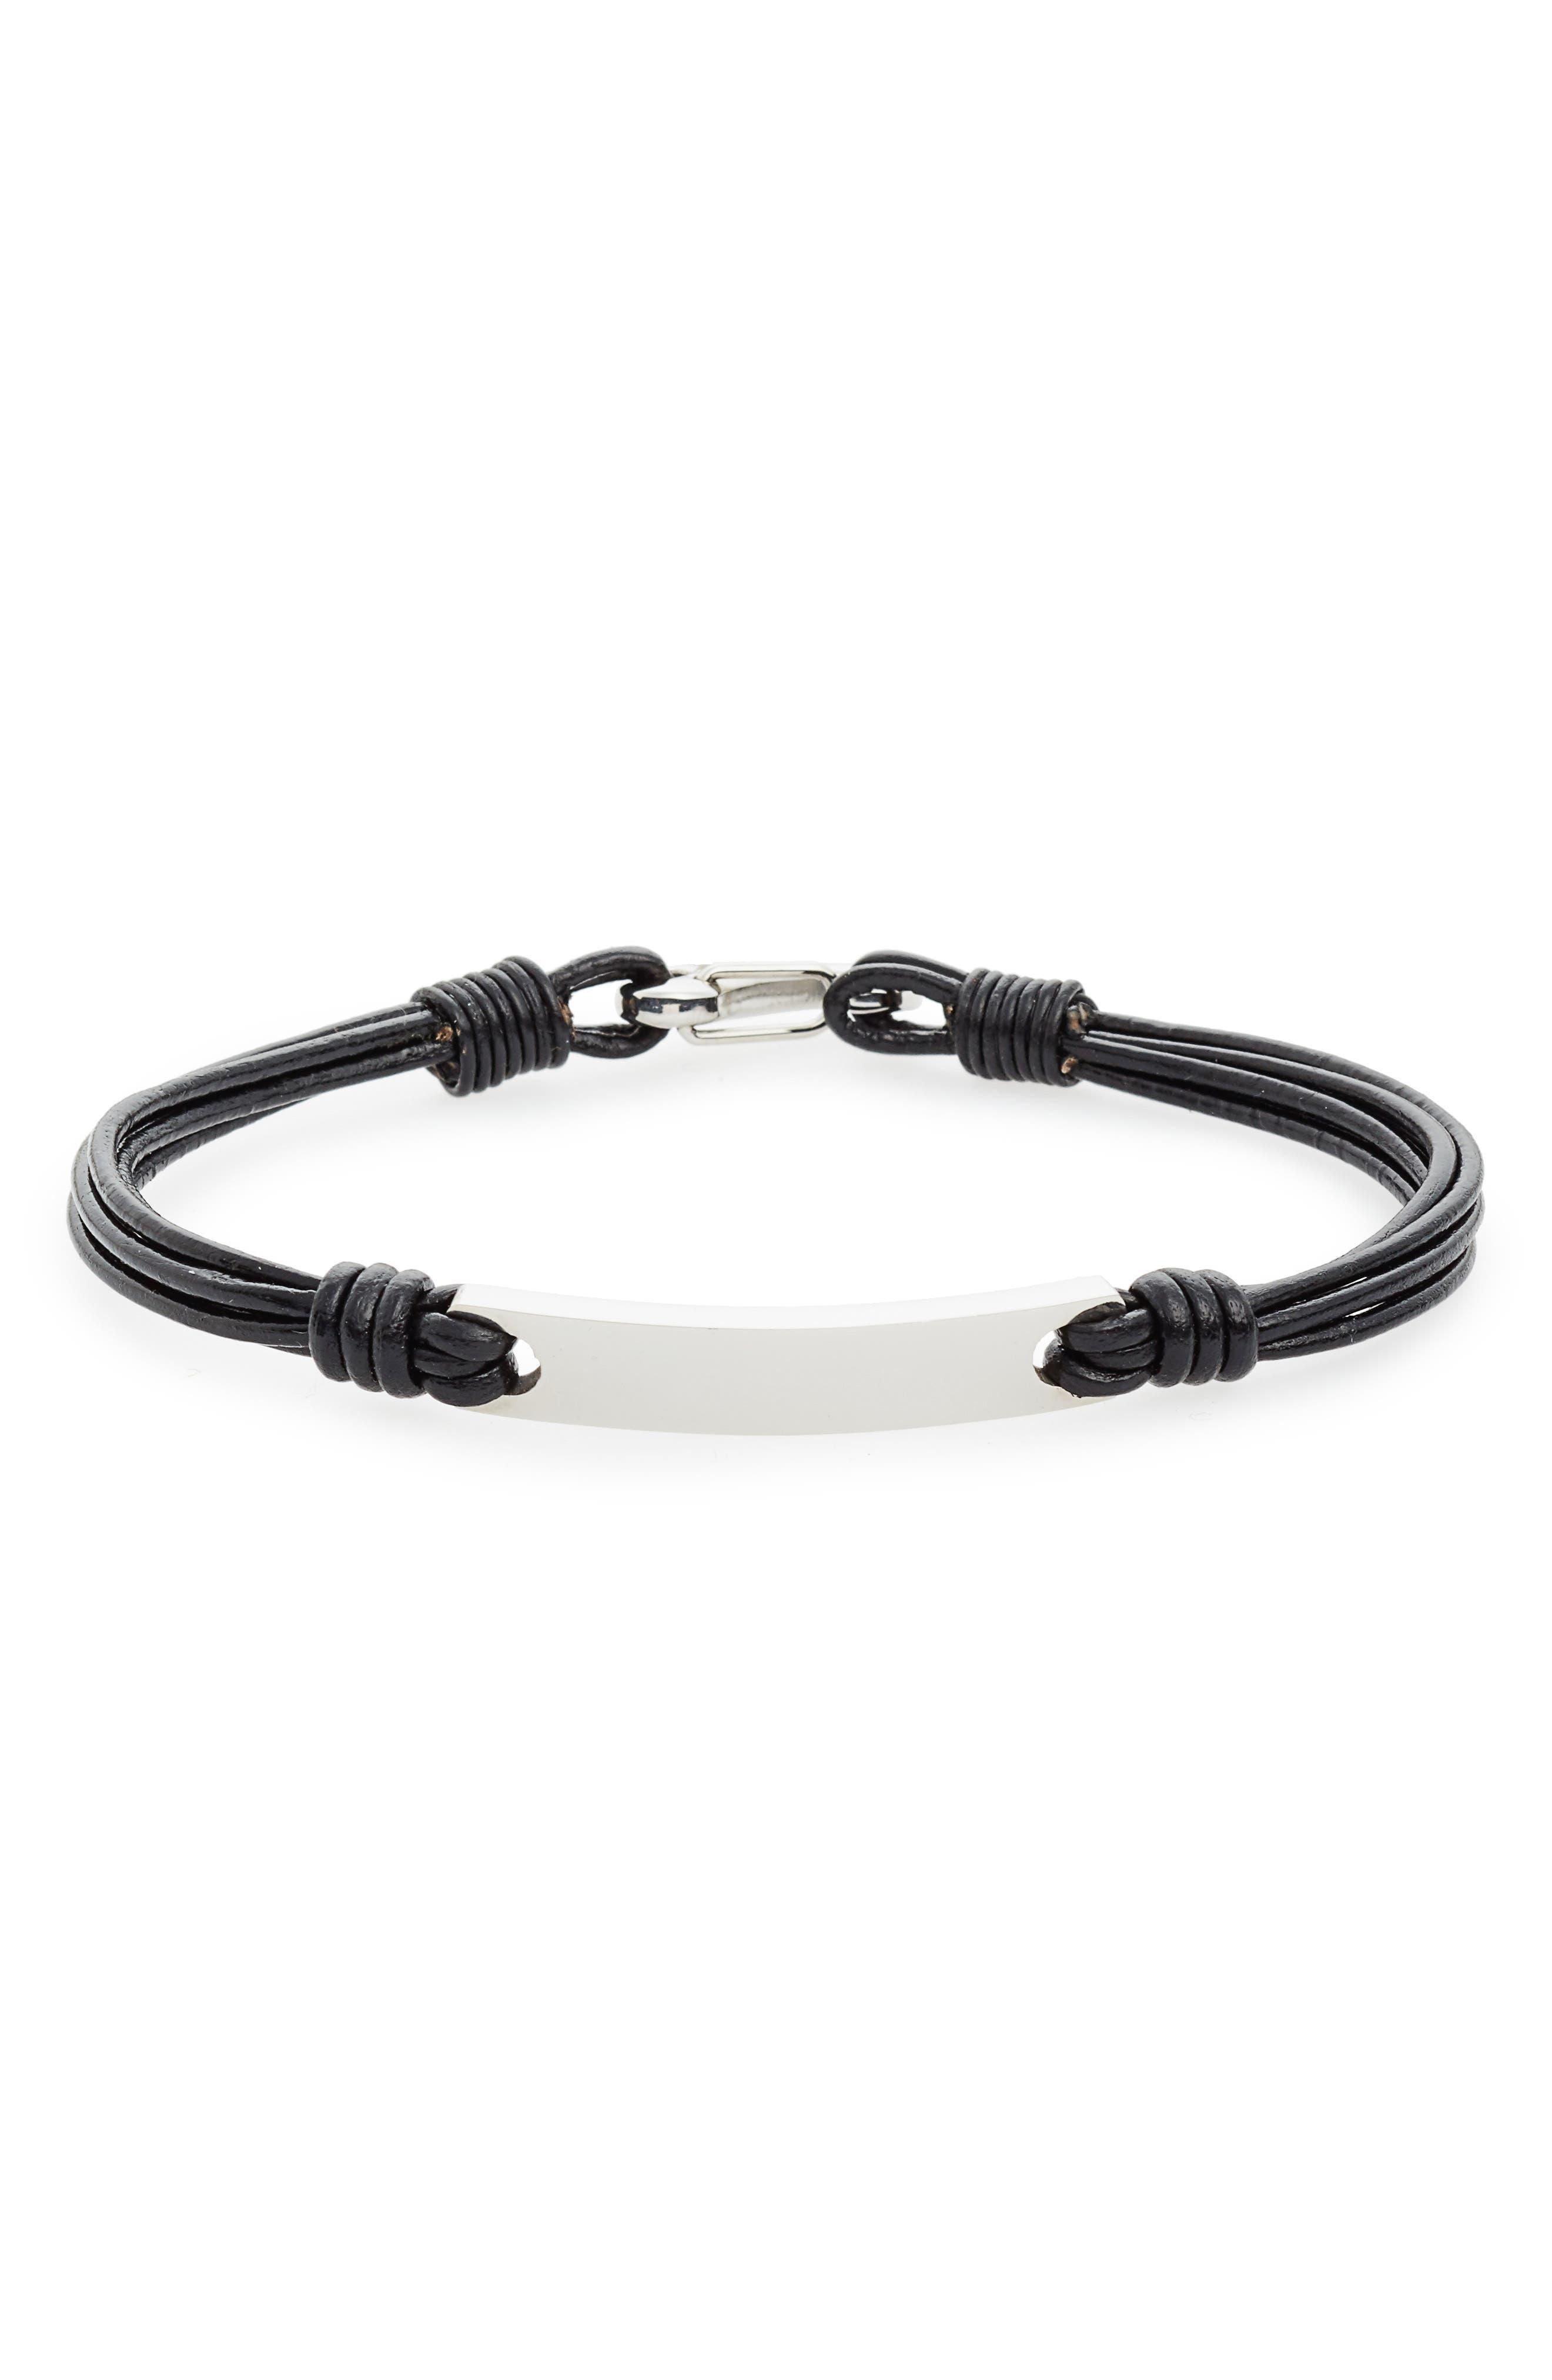 Leather Strands Bracelet,                         Main,                         color, 001